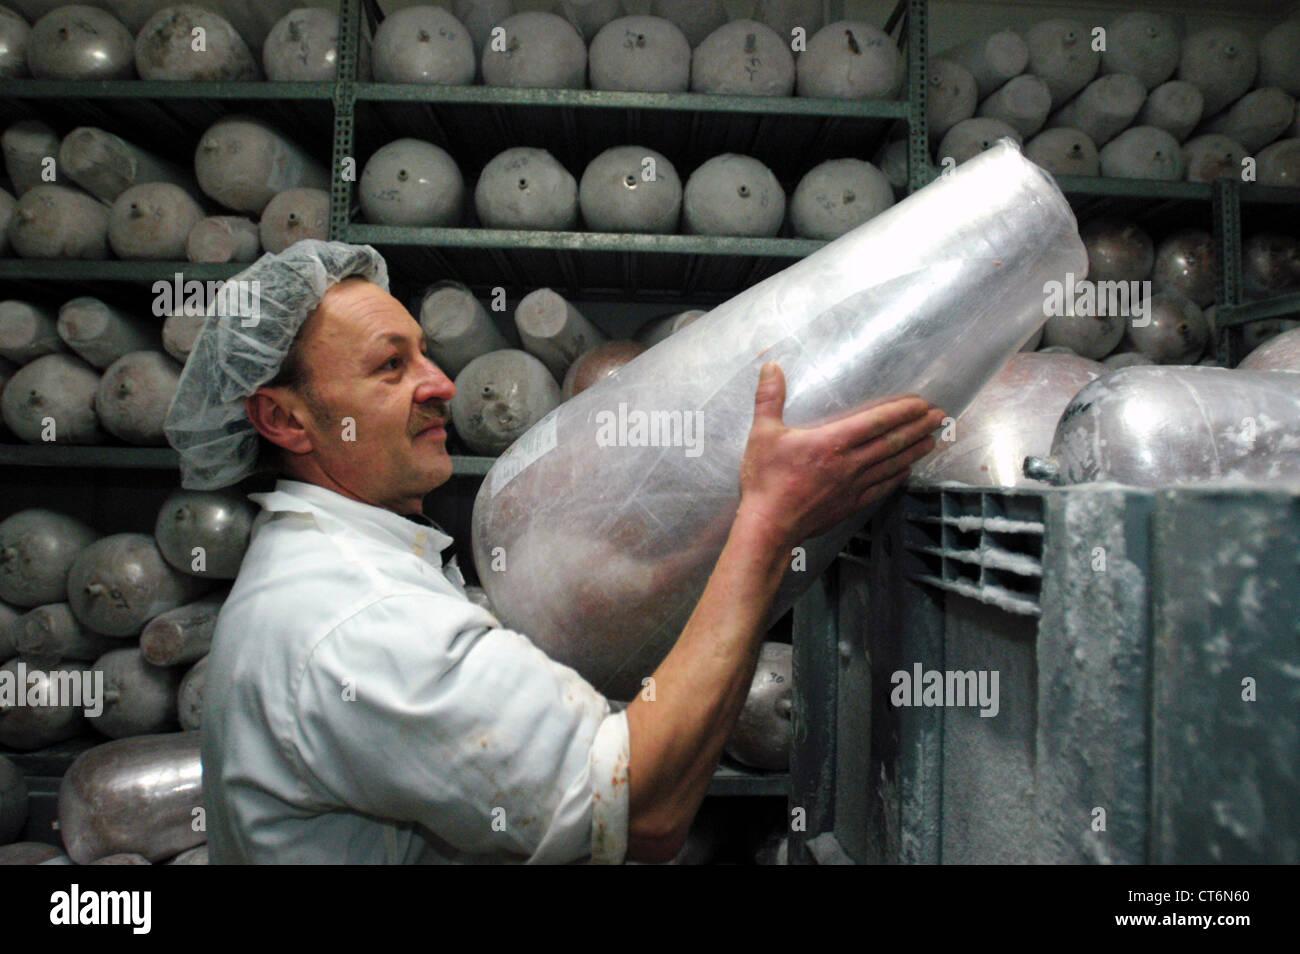 Doenerproduktion at Kaplan, Berlin - Stock Image